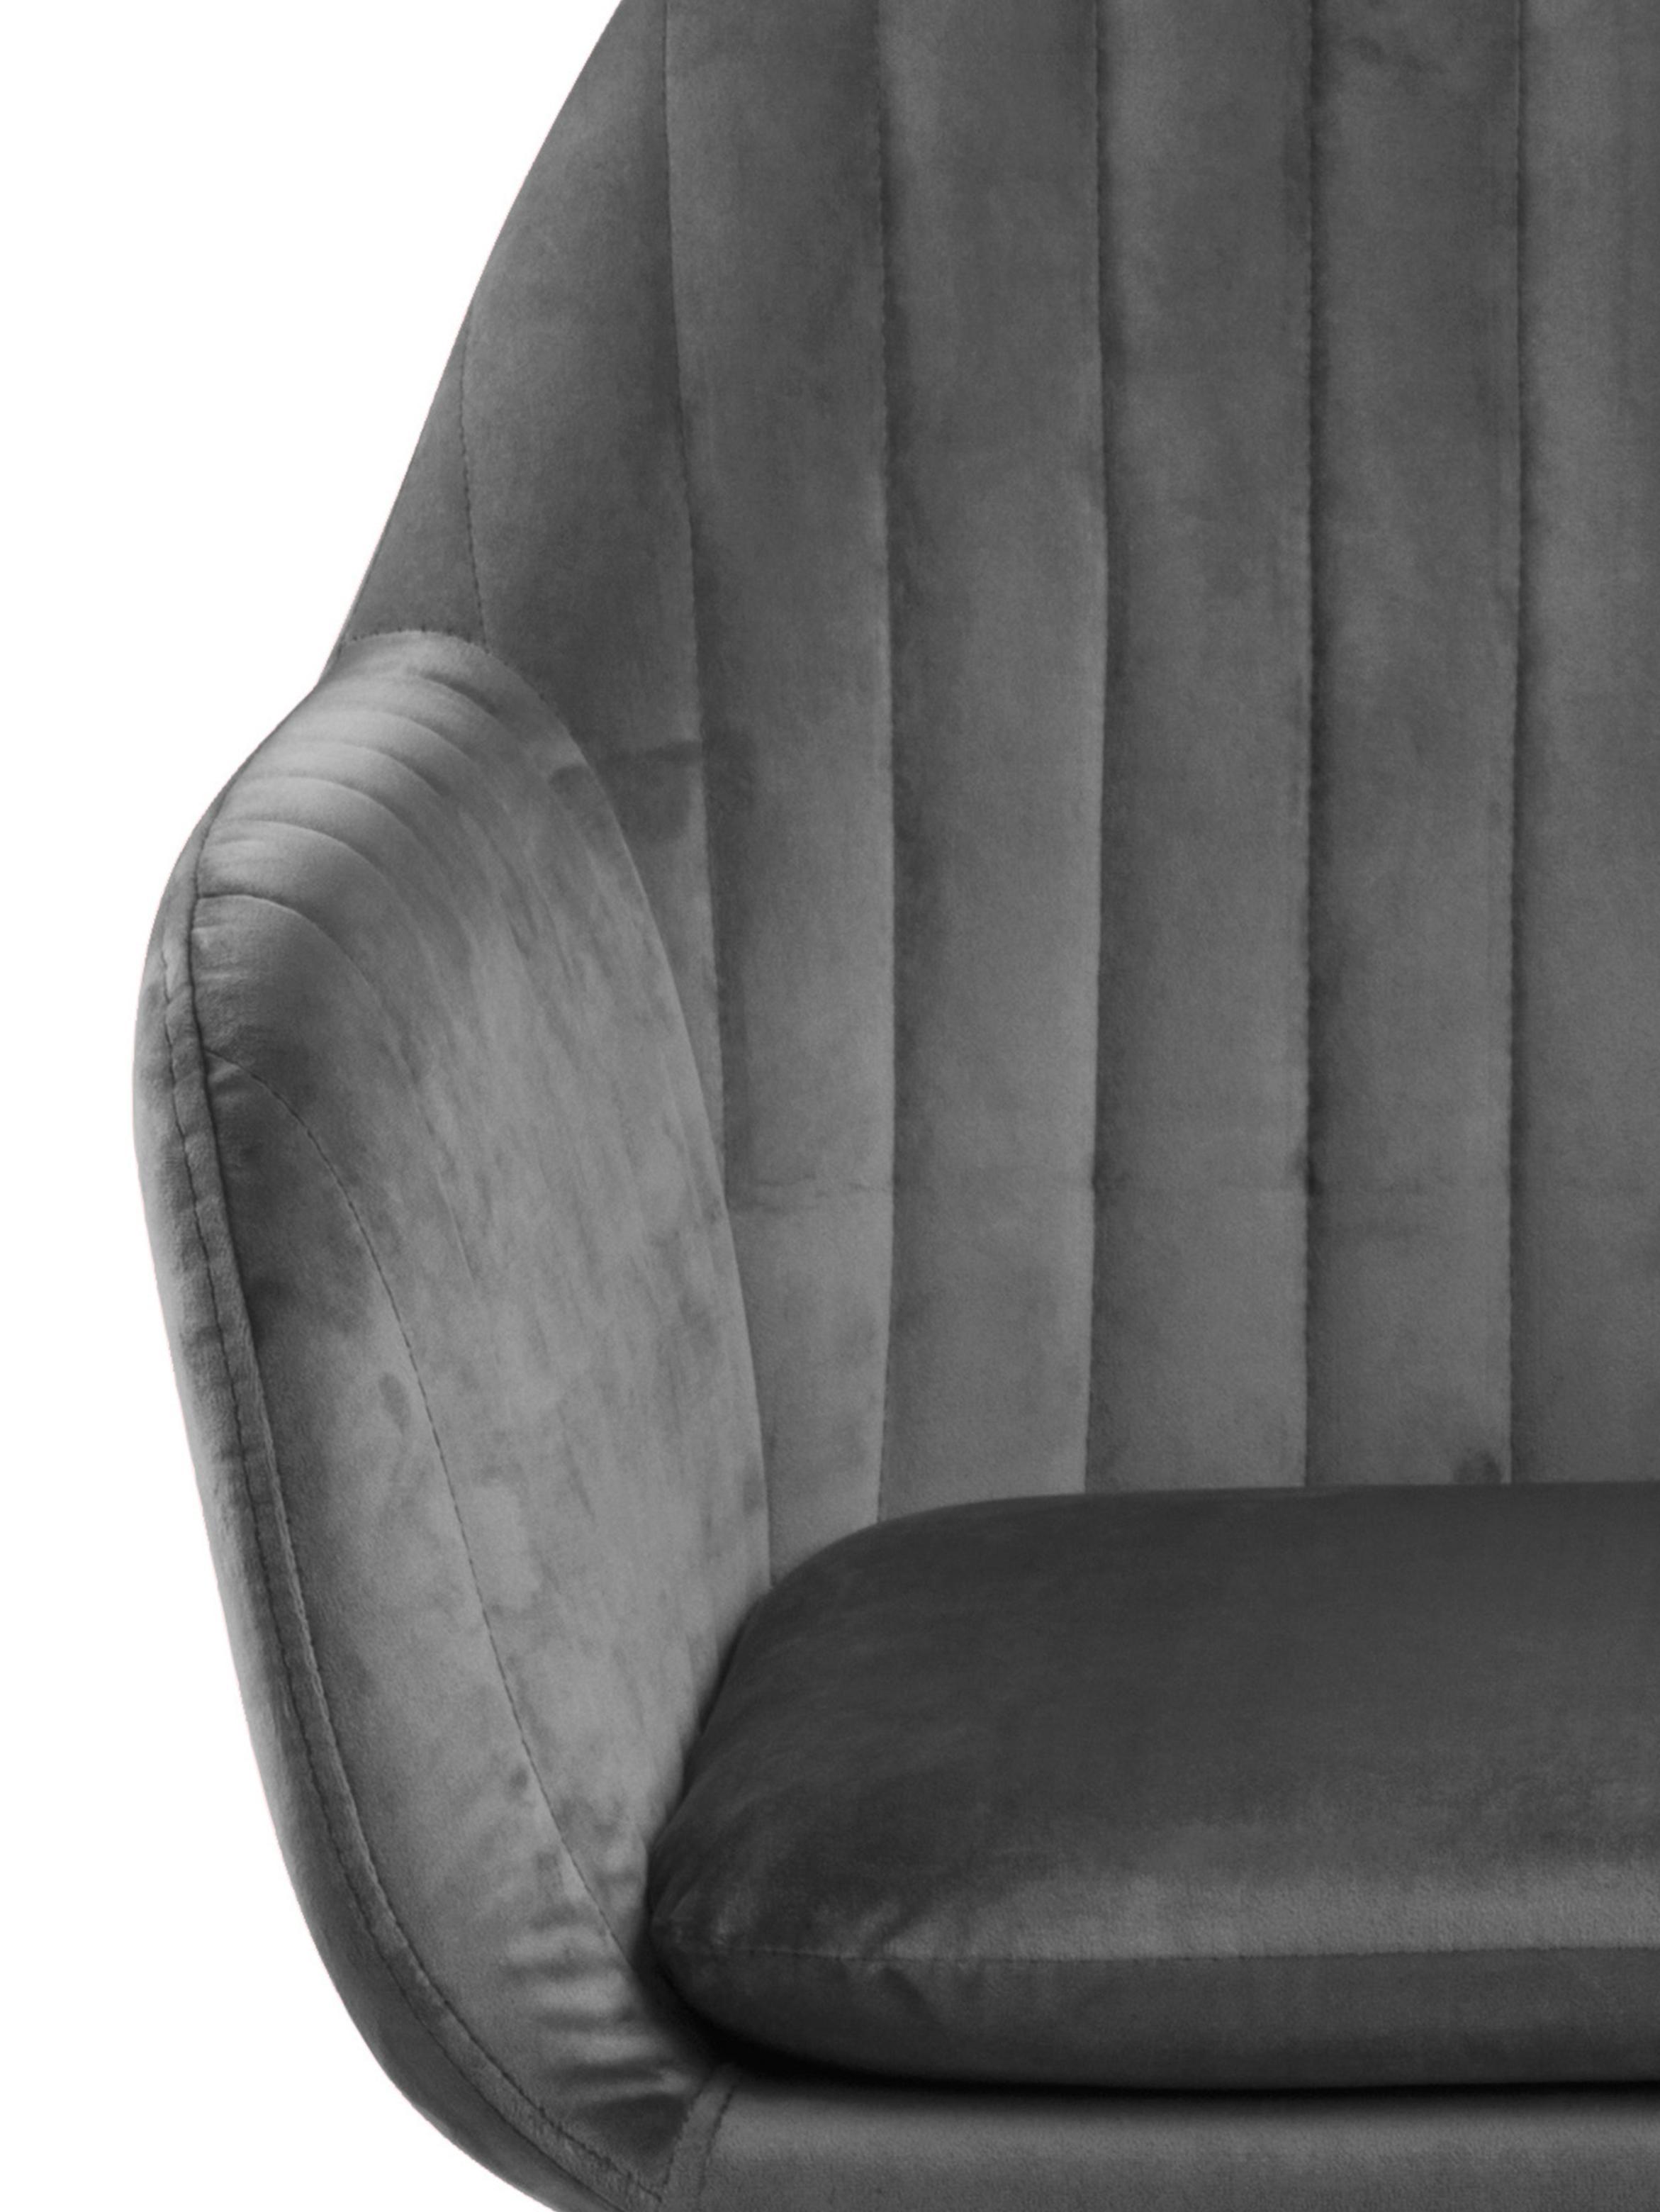 Samt-Polsterstuhl Emilia mit Armlehne, Bezug: Polyestersamt Der hochwer, Beine: Metall, lackiert, Samt Dunkelgrau, Beine Schwarz, B 57 x T 59 cm